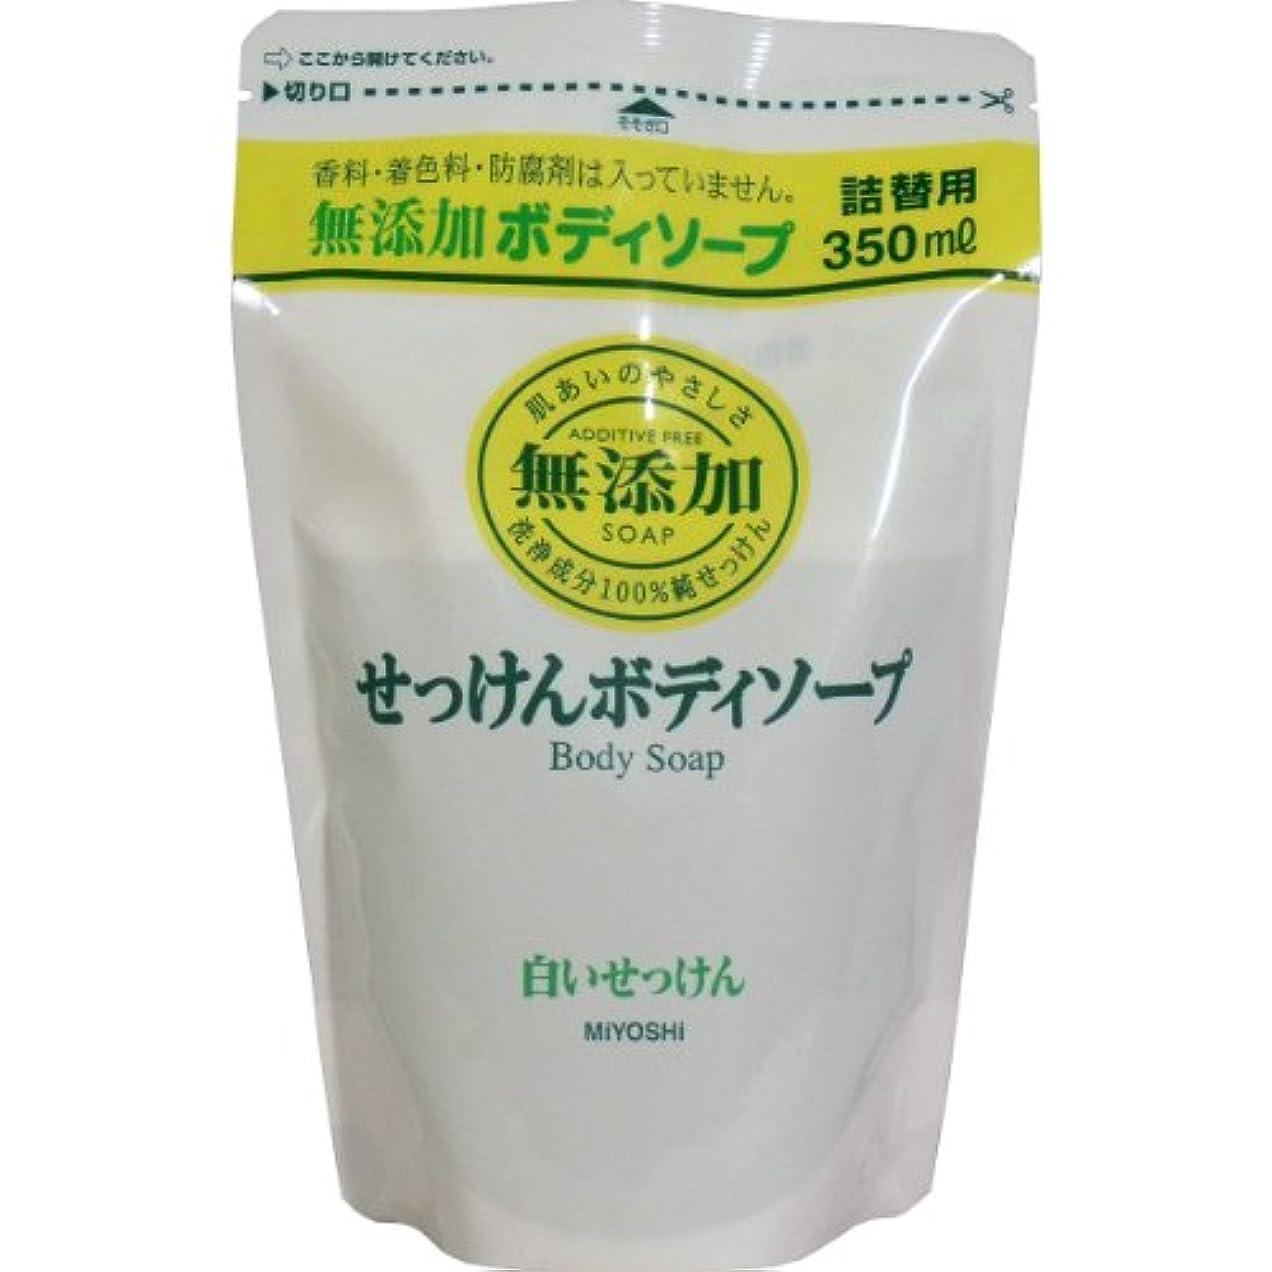 内側欠陥シミュレートするミヨシ 無添加 ボディソープ 白い石けん つめかえ用 350ml(無添加石鹸) x 10個セット